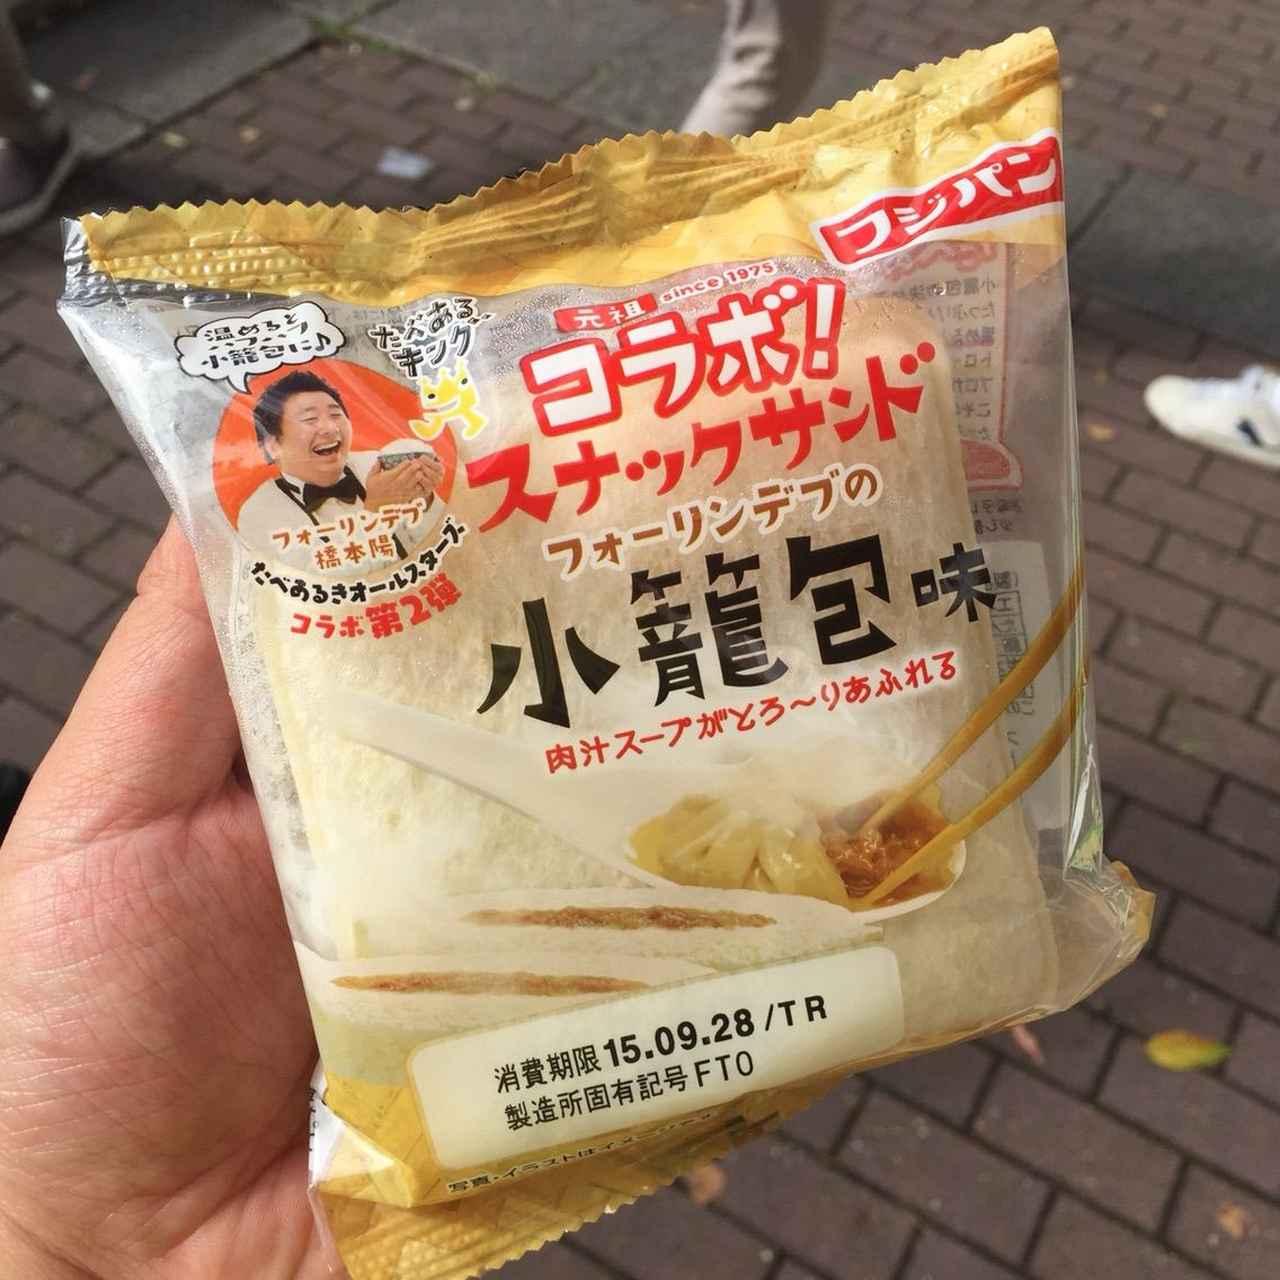 画像: 【告知】フォーリンデブ開発「スナックサンド小籠包味」発売! : フォーリンデブはっしー  公式ブログ